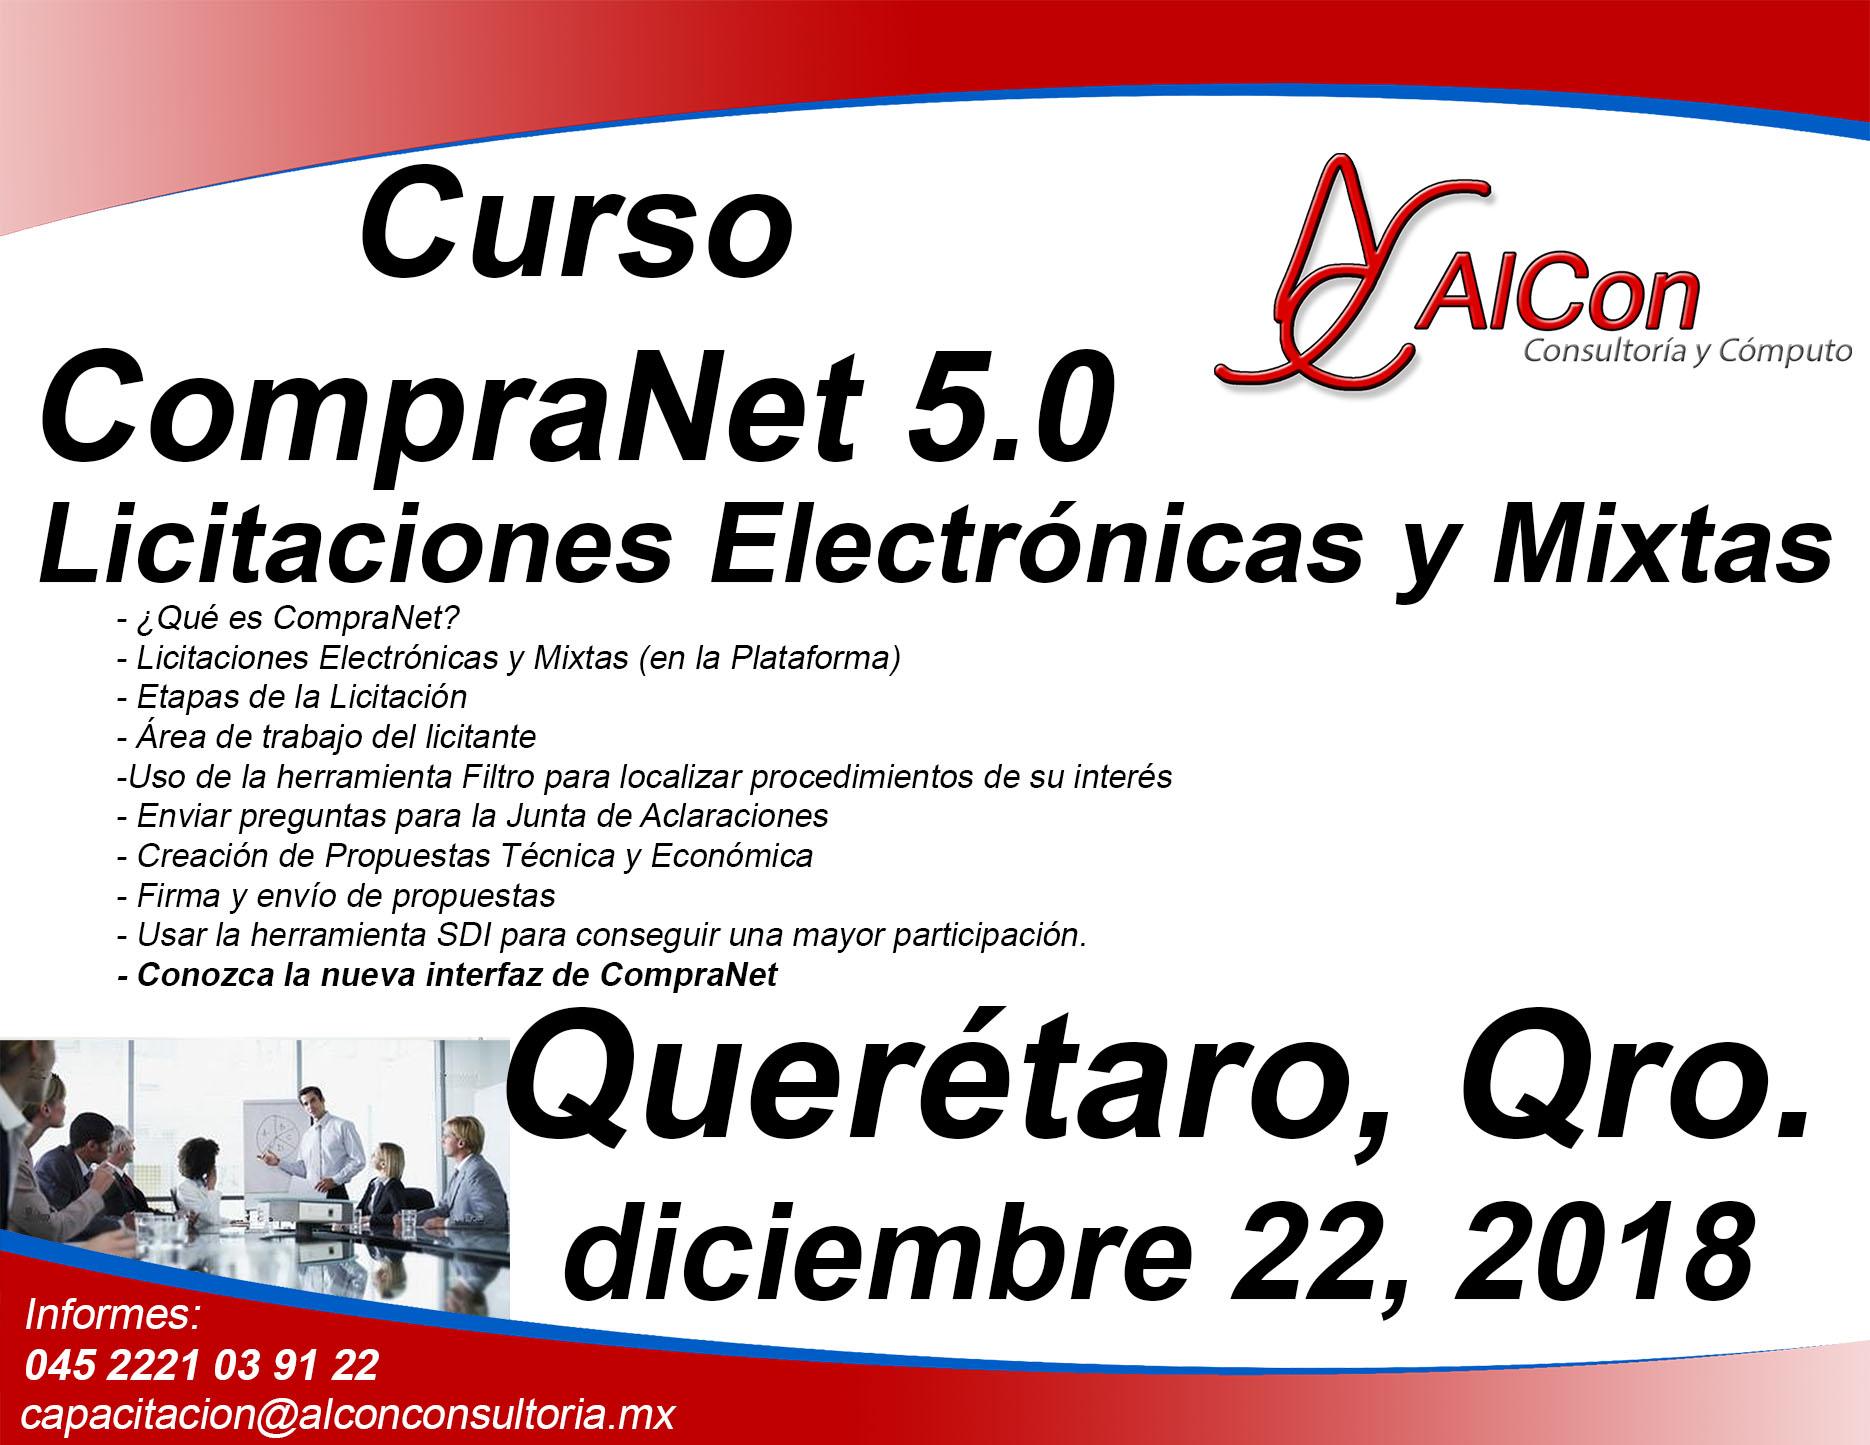 Curso CompraNet 5.0 para licitantes, Querétaro, Qro.